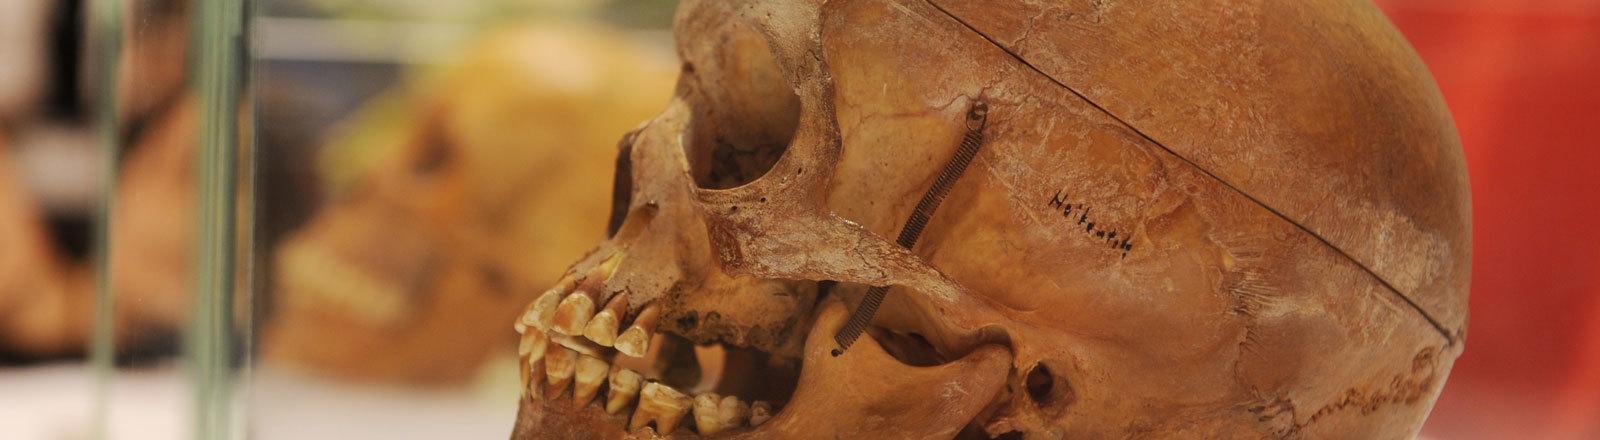 Schädel in der Berliner Charité hinter Plexiglas. Vor mehr als hundert Jahren ermordeten deutsche Soldaten tausende Einwohner der damaligen Kolonie Deutsch-Südwestafrika. Viele Schädel der Getöteten wurden nach Deutschland geschafft, weil Wissenschaftler sie für ihre dubiose Rassenforschung bestellt hatten.